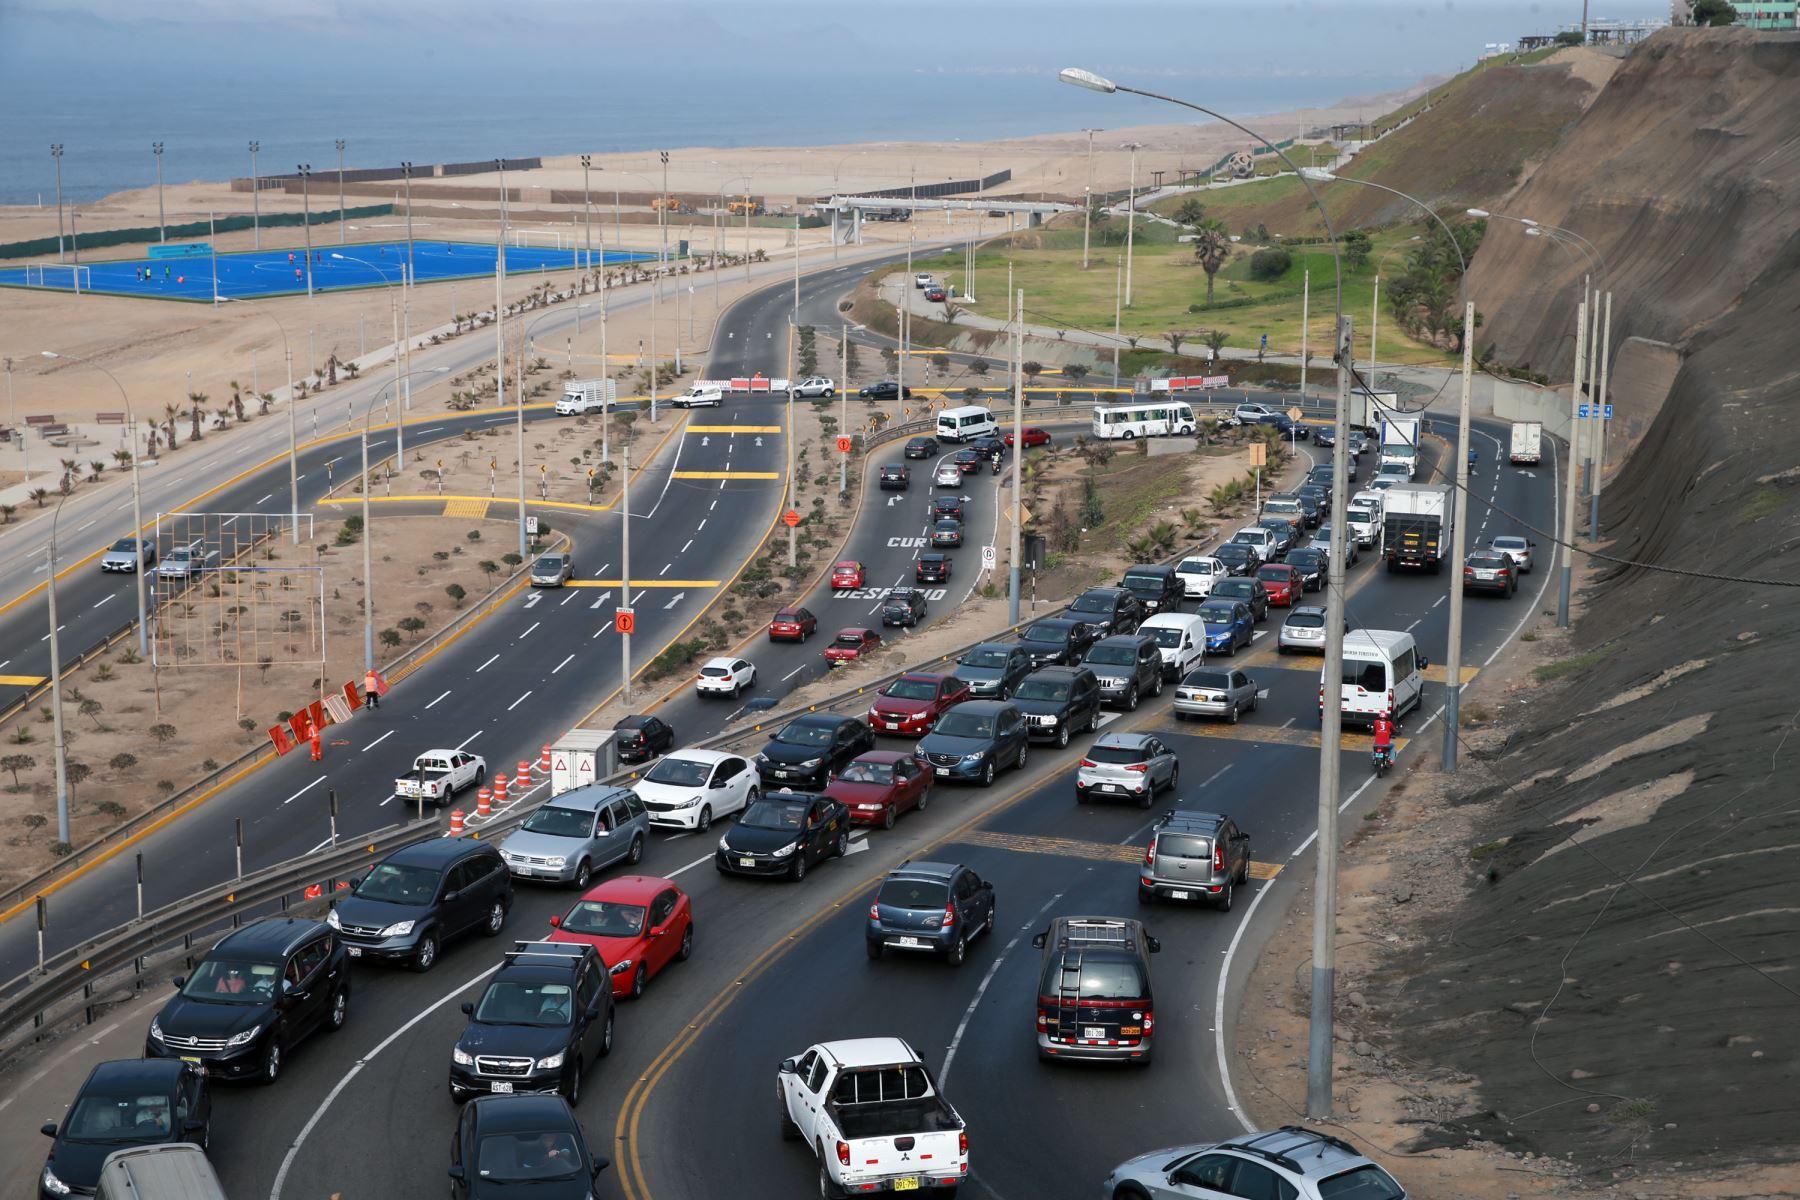 Inició la aplicación del plan de desvío vehicular en la Costa Verde para iniciar los trabajos de ampliación de la vía. .Foto: ANDINA/Norman Córdova